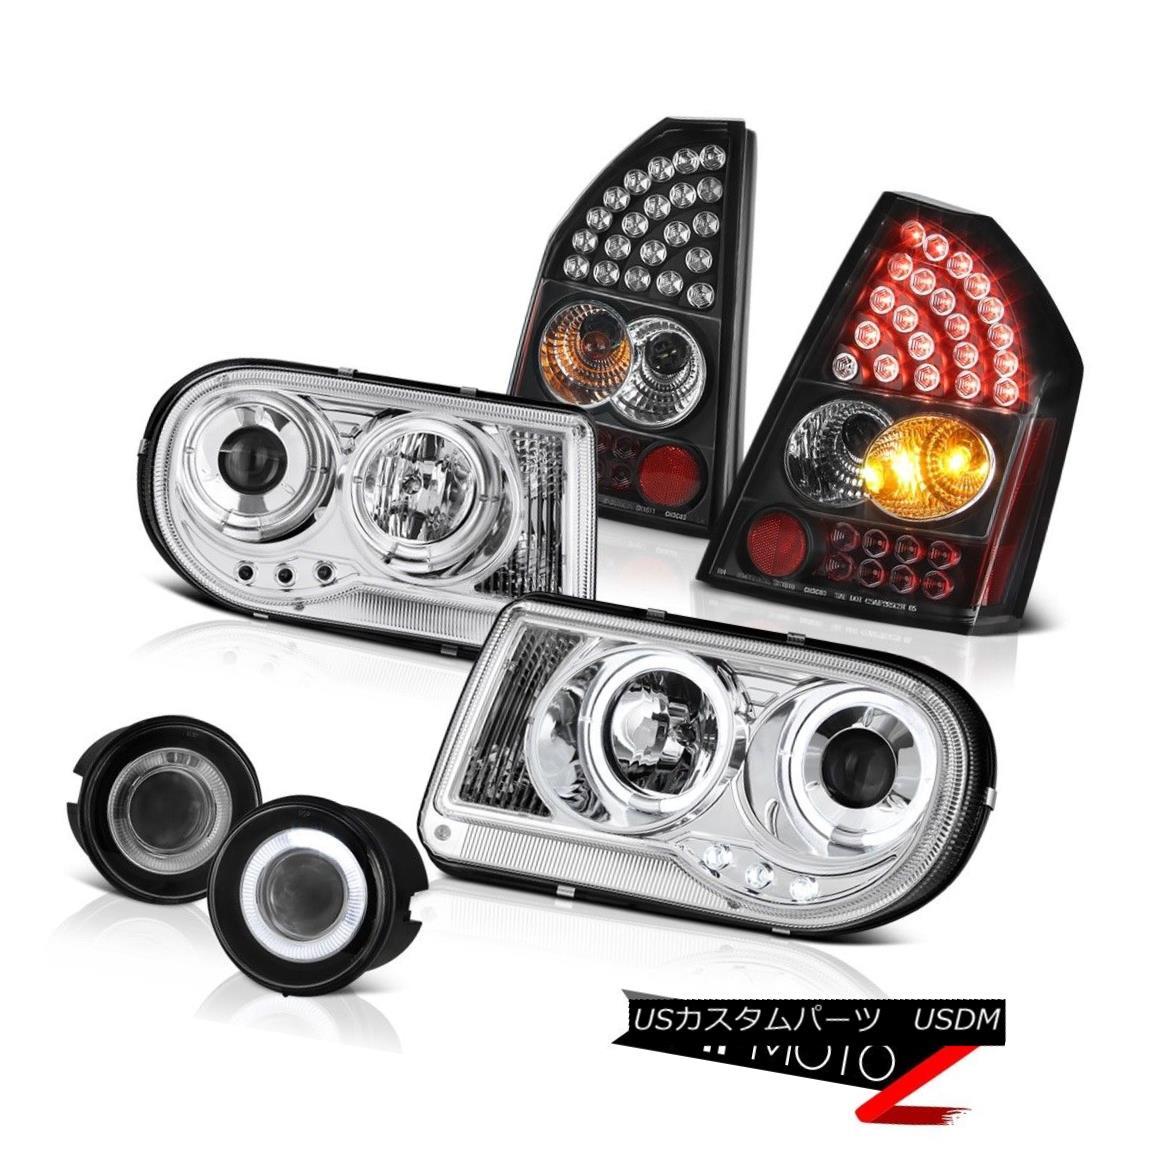 テールライト 2008 2009 2010 Chrysler 300C 5.7L Headlights Brake LED Tail Lights Glass Fog 2008 2009 2010クライスラー300C 5.7LヘッドライトブレーキLEDテールライトグラスフォグ